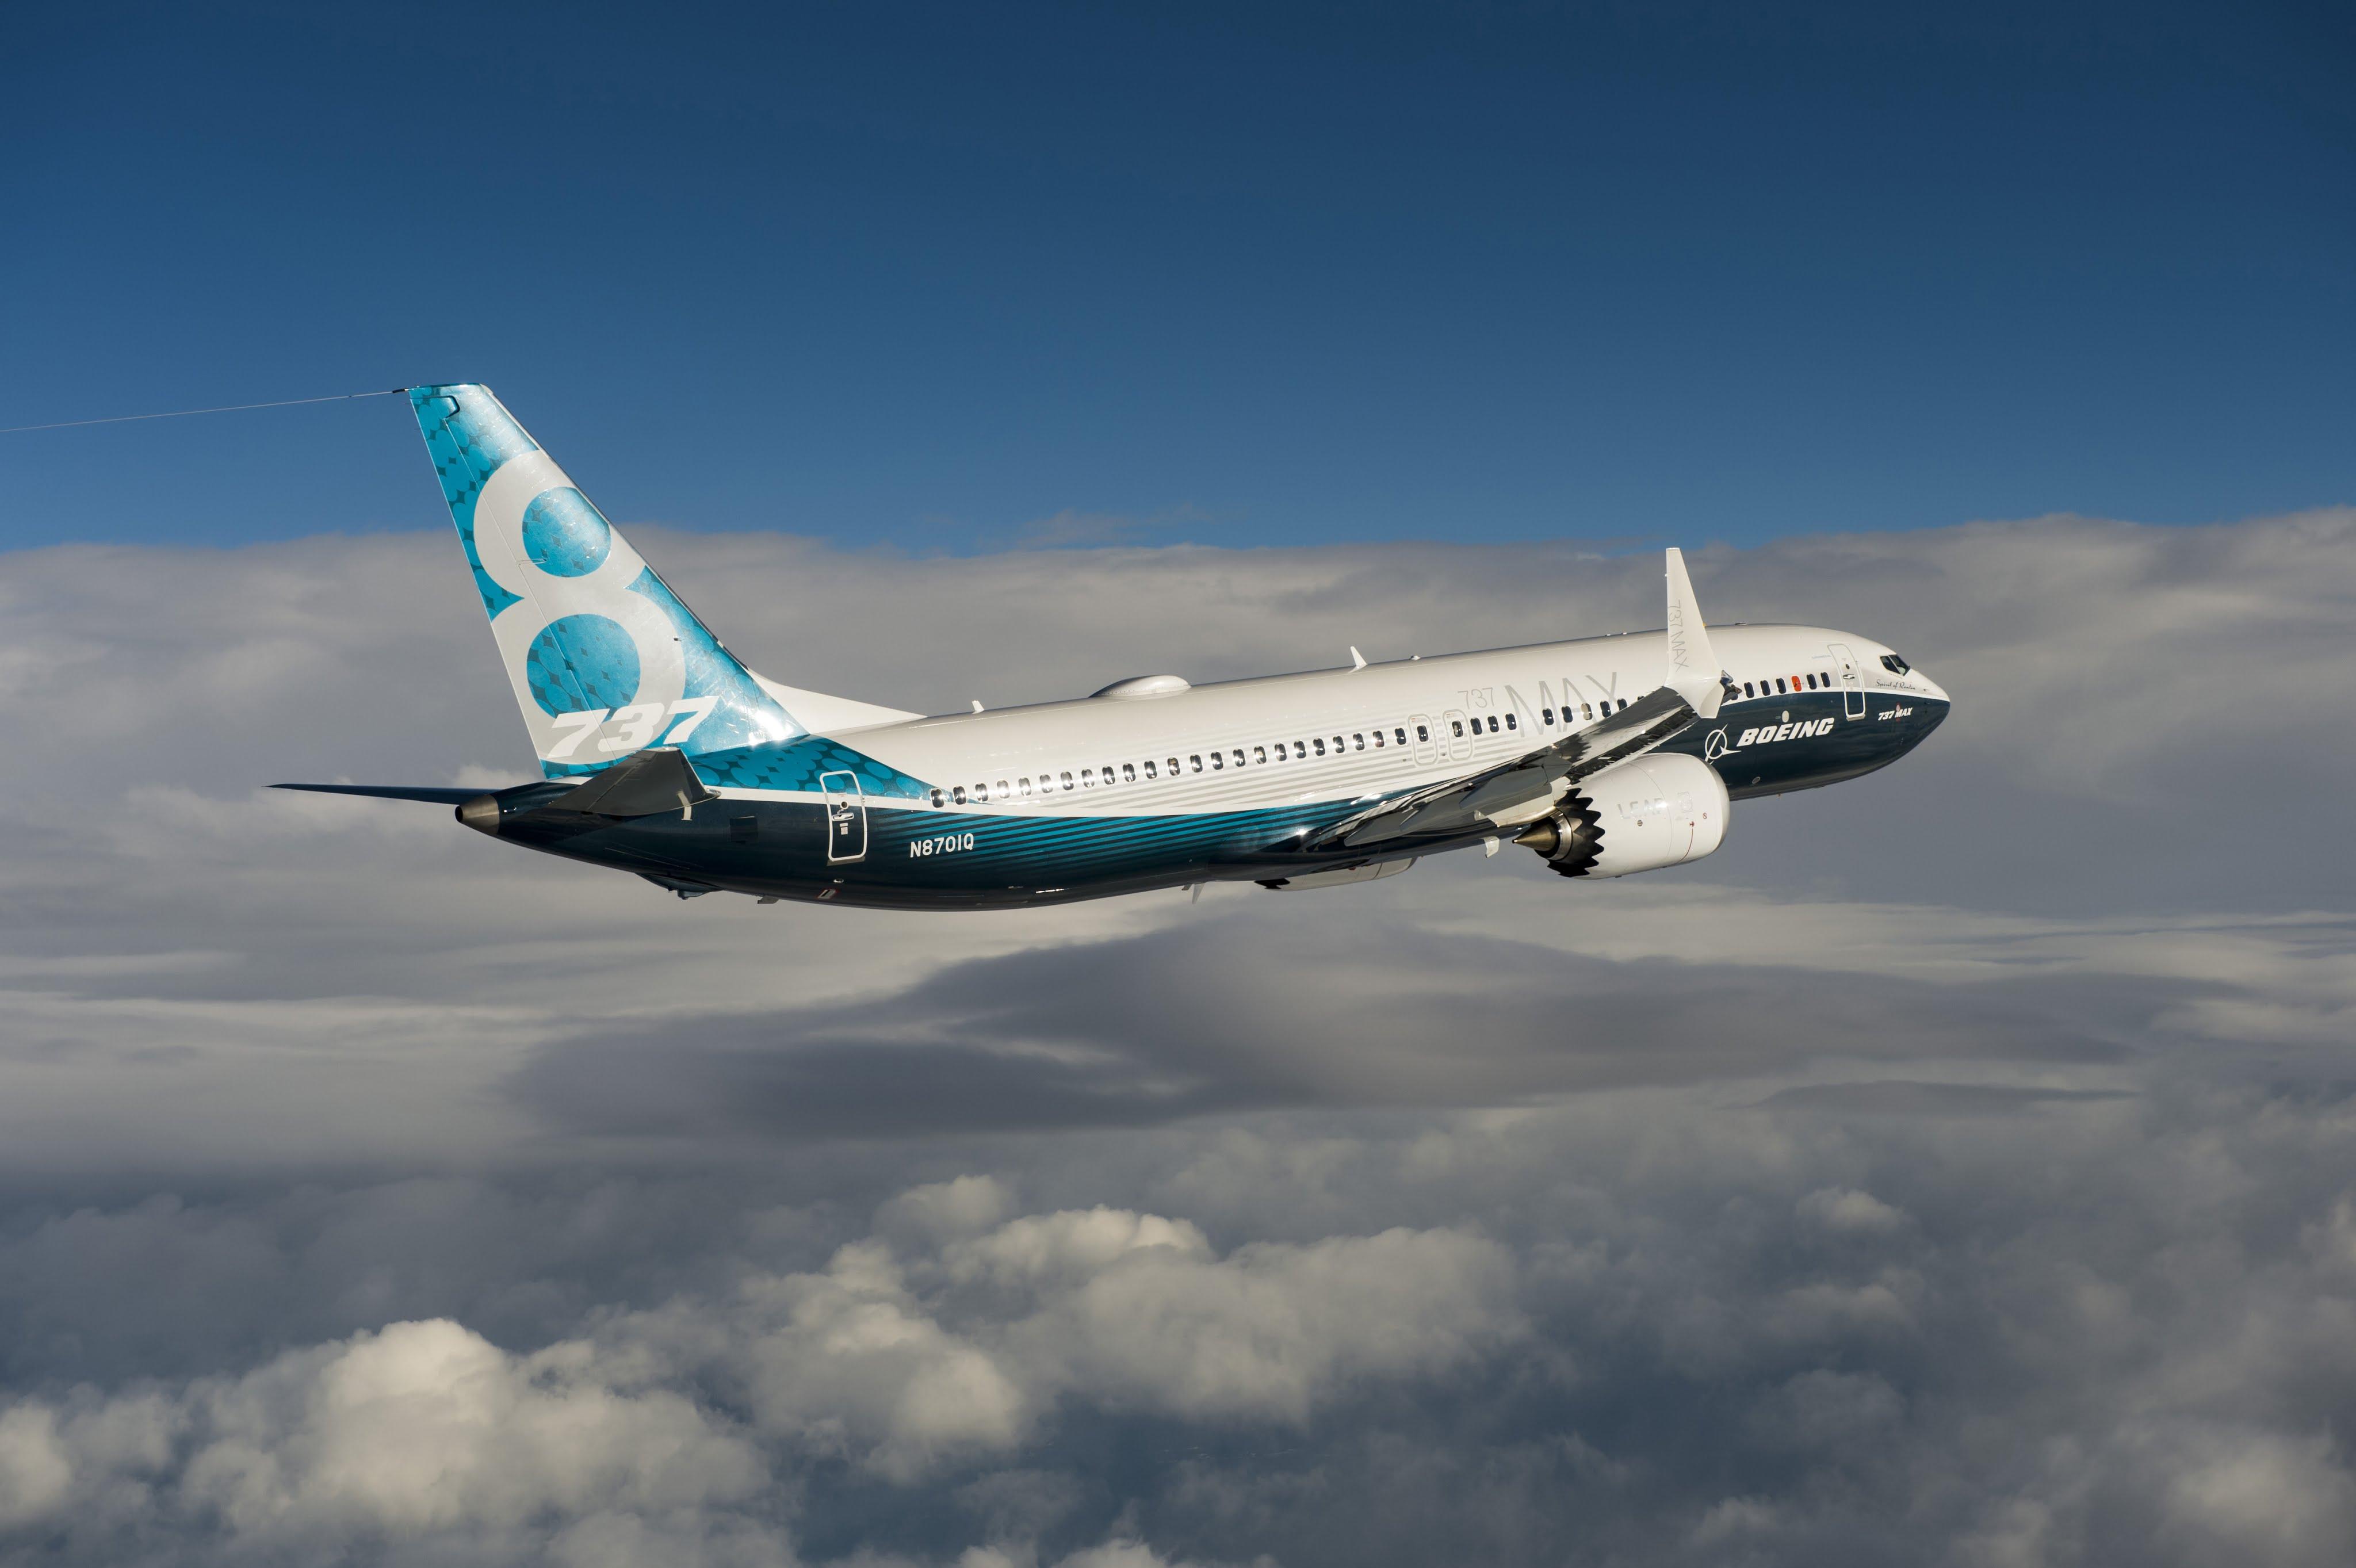 Boeing 737 MAX, un avión de pasajeros acrobático